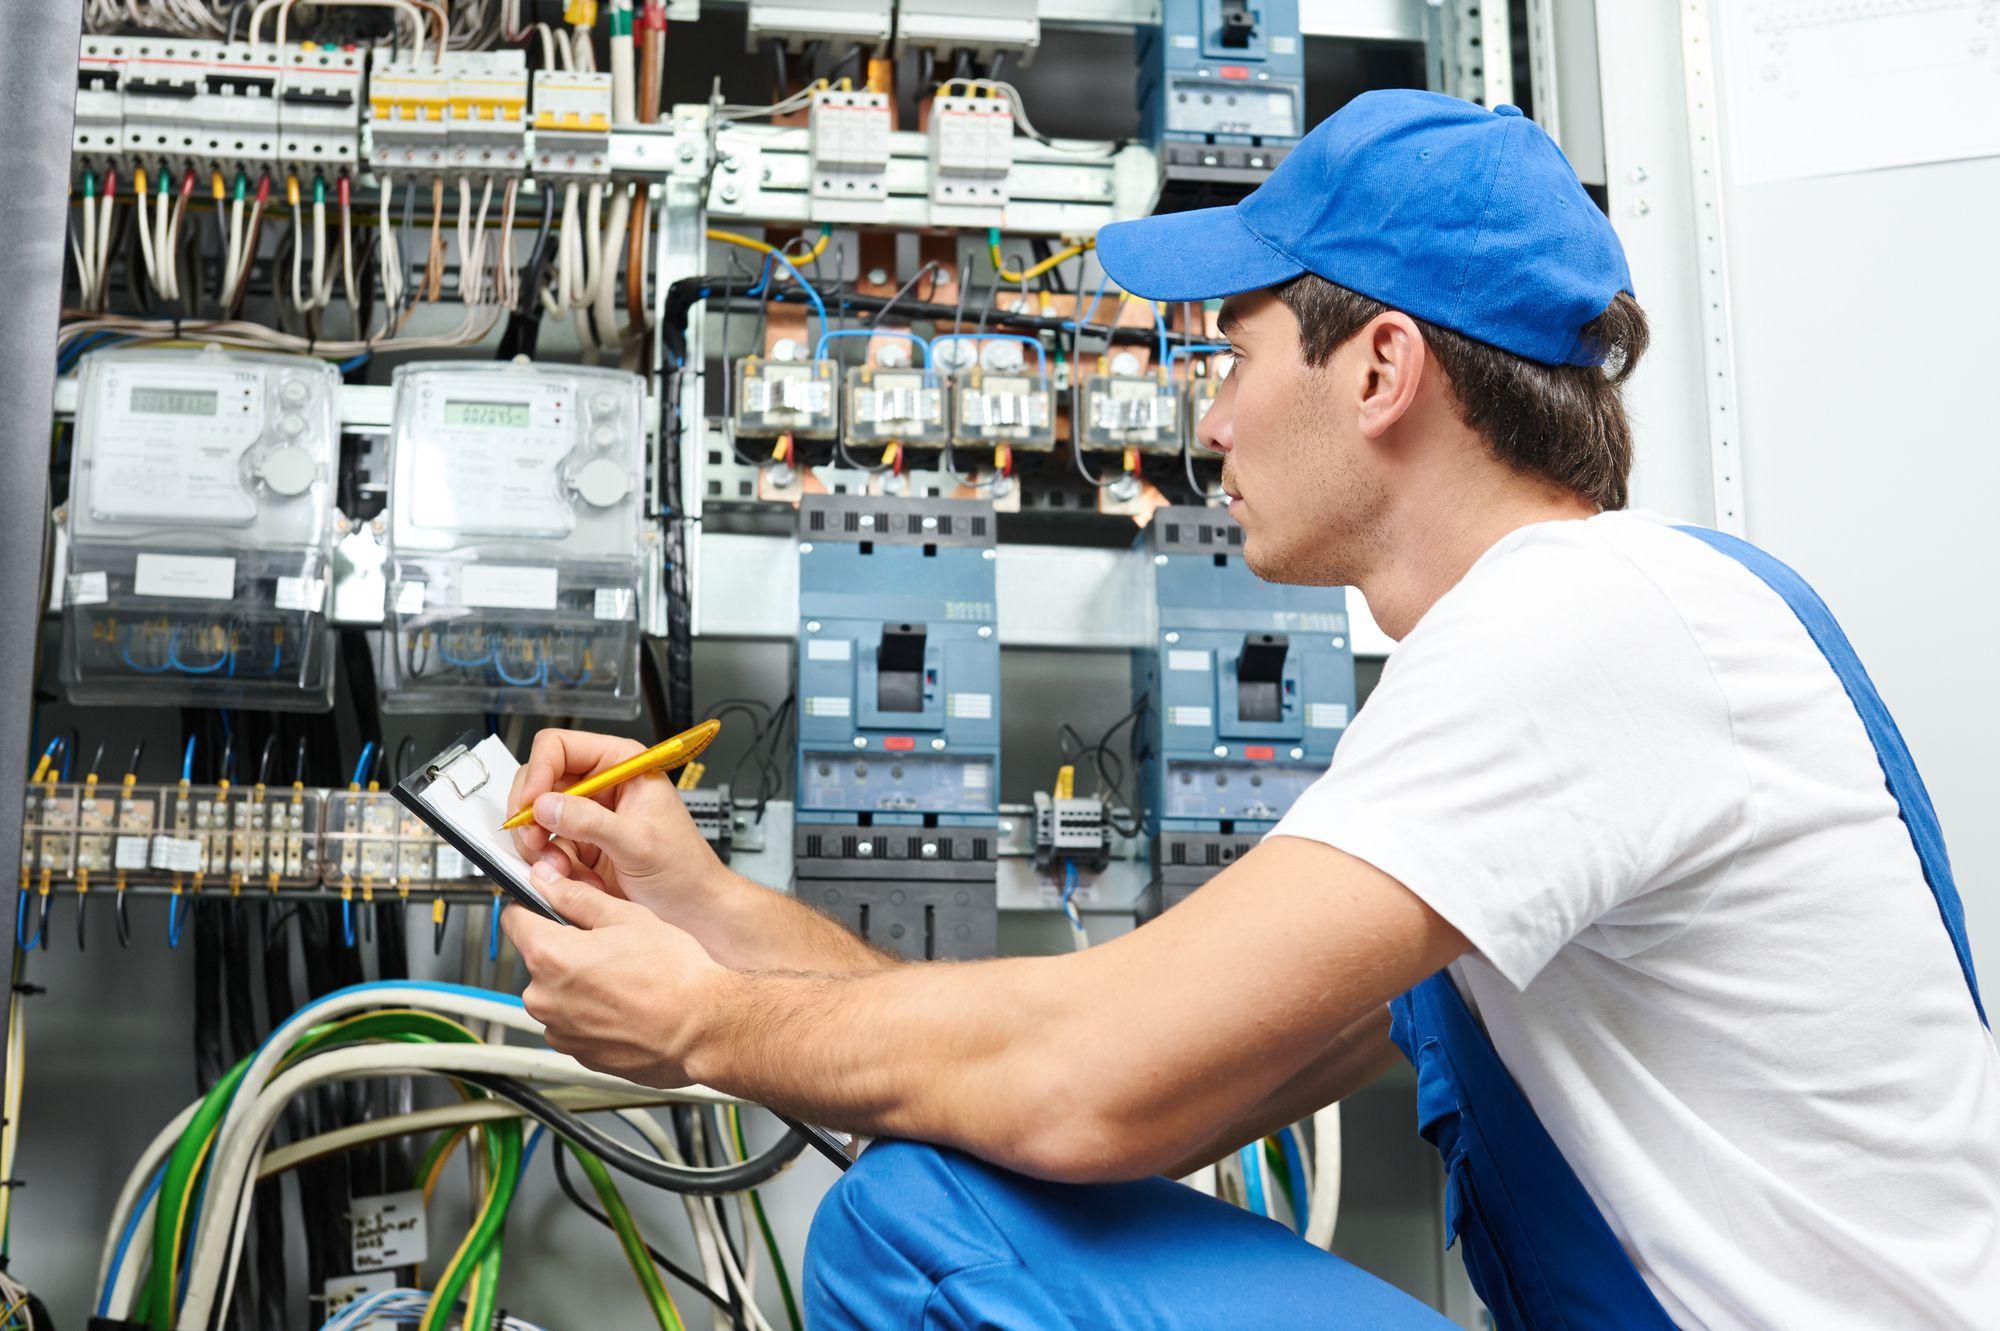 специалист по обслуживанию электросистем